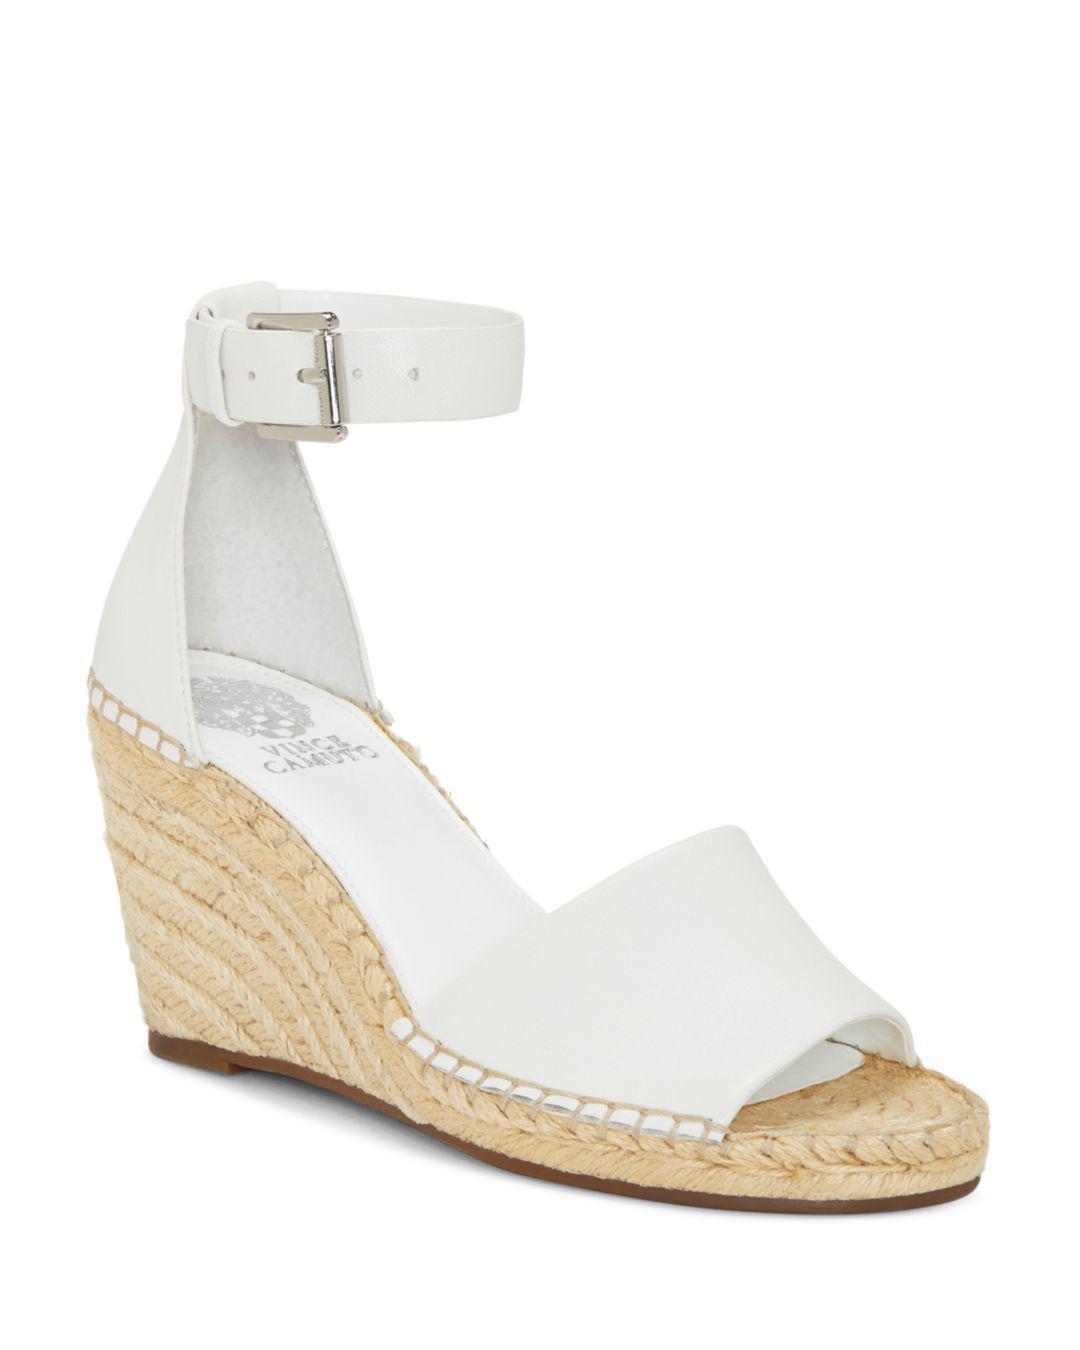 408cf56ea71 Women's Purple Leera Espadrille Wedge Sandals